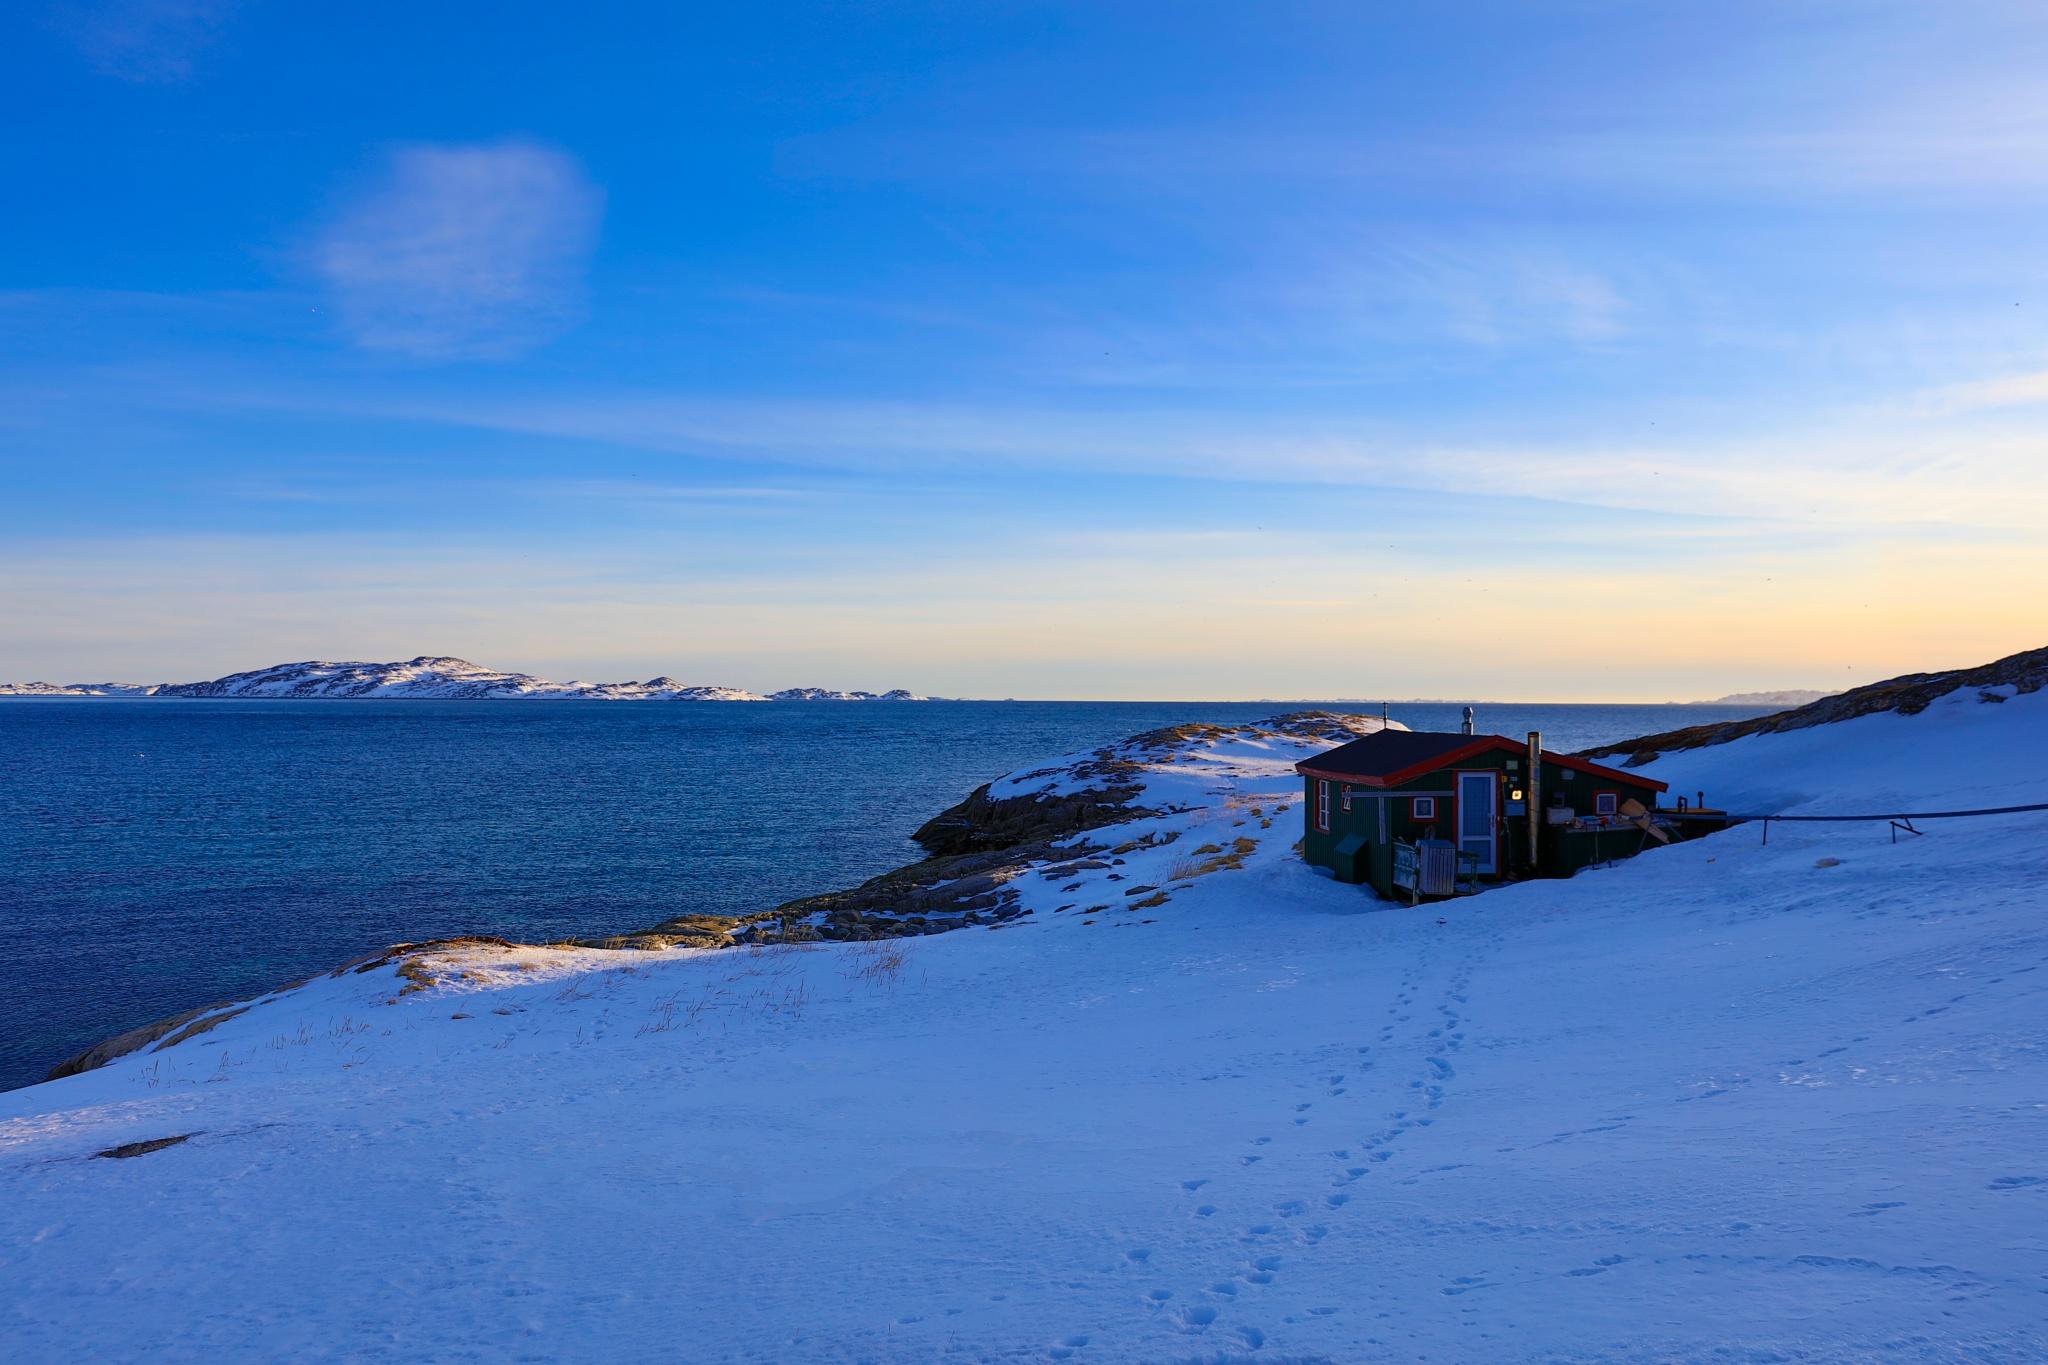 lillehus på prærien i aftenskygge  by Tom Augo Lynge